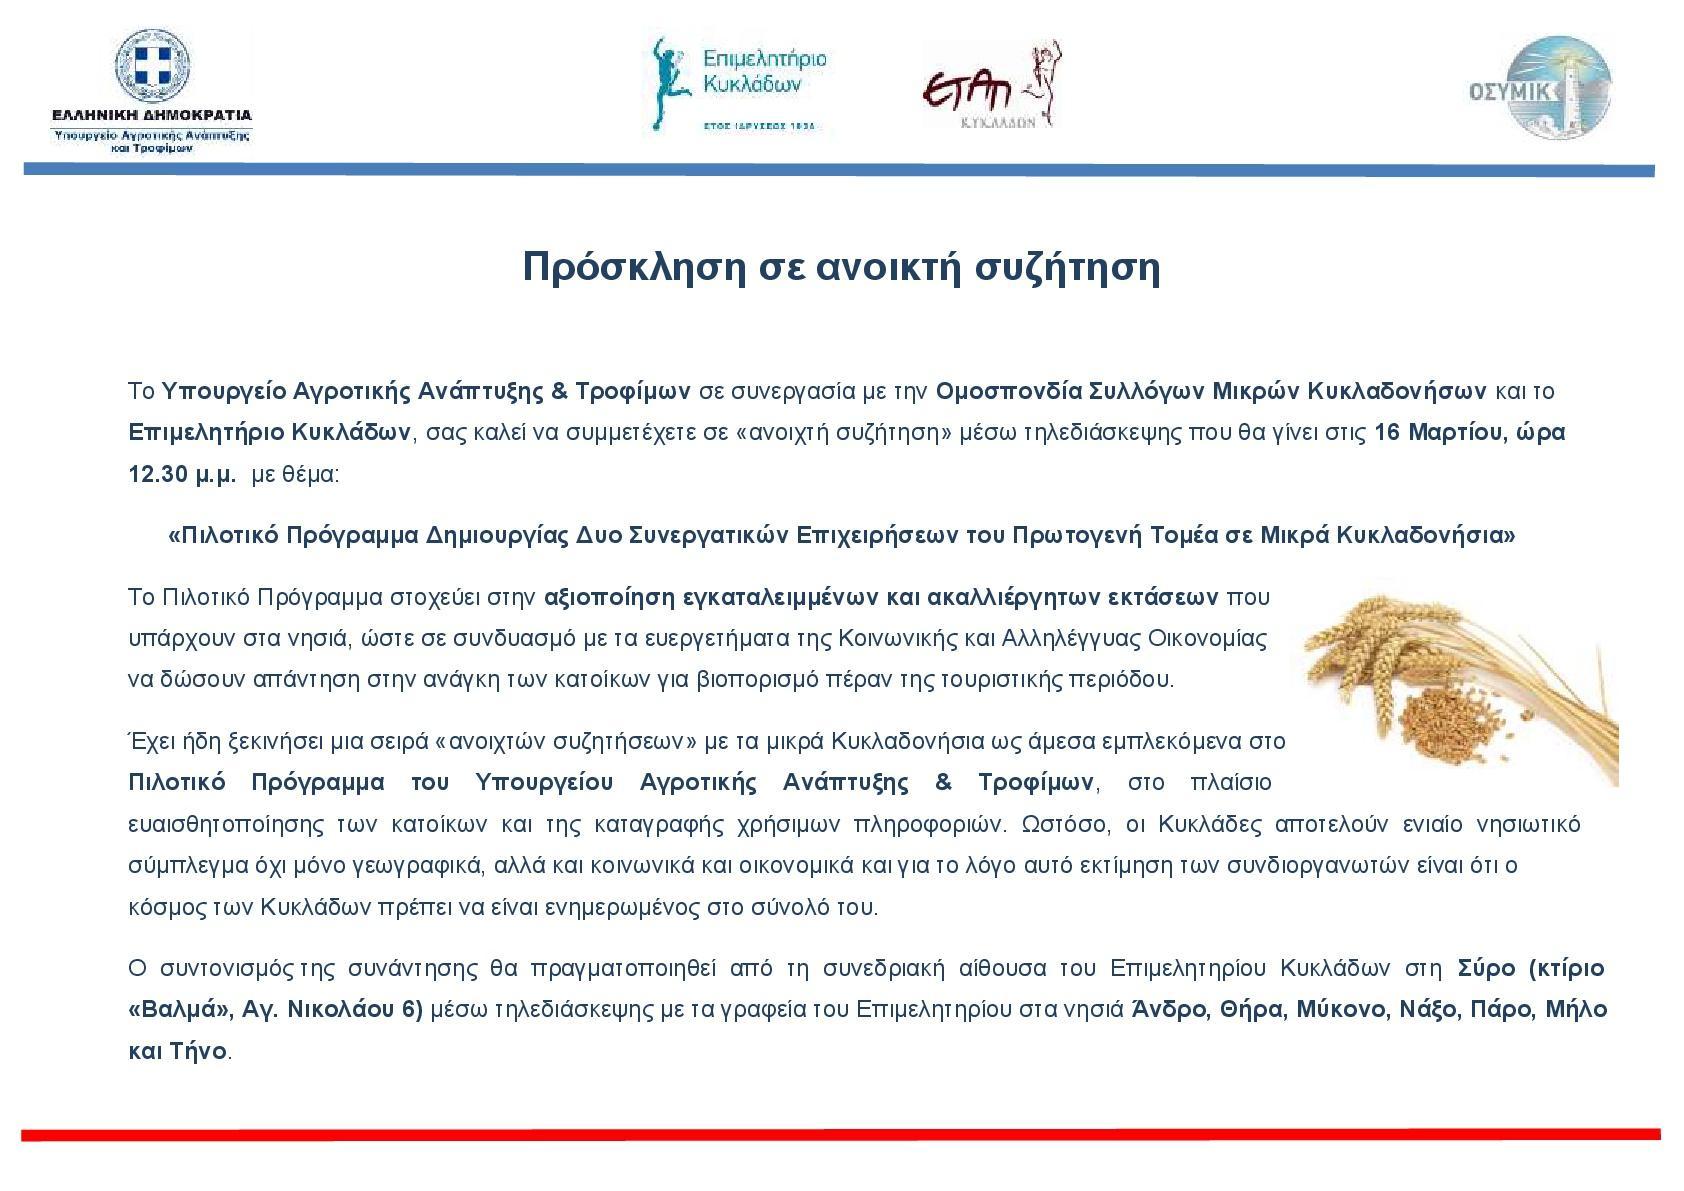 Πιλοτικό Πρόγραμμα Δημιουργίας Δυο Συνεργατικών Επιχειρήσεων του Πρωτογενή  Τομέα σε Μικρά Κυκλαδονήσια 159856948be